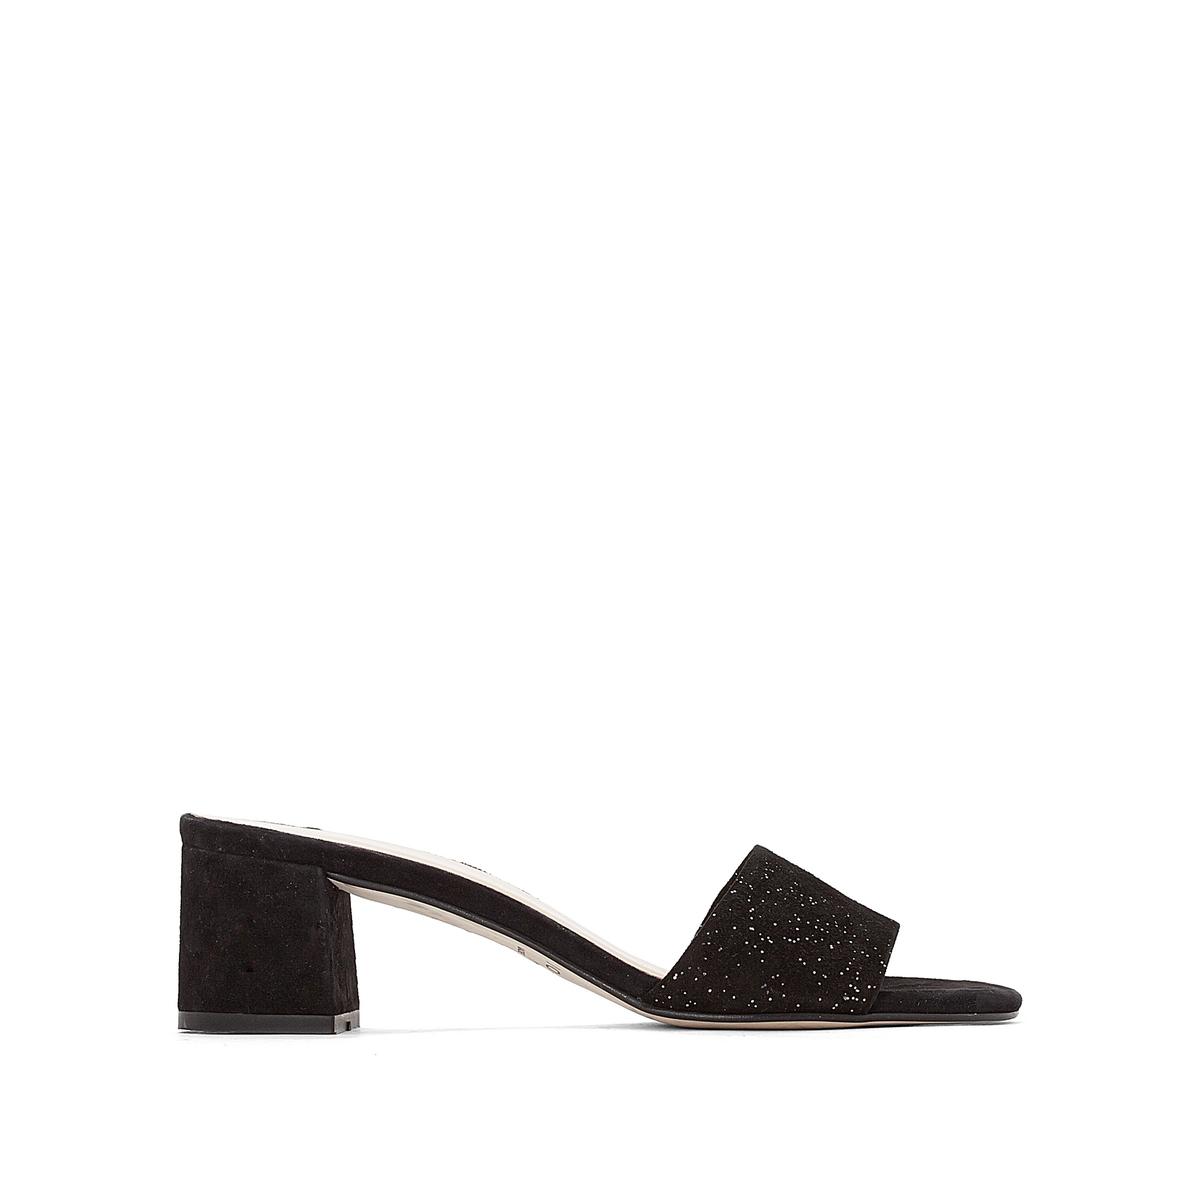 Туфли без задника кожаные на каблуке